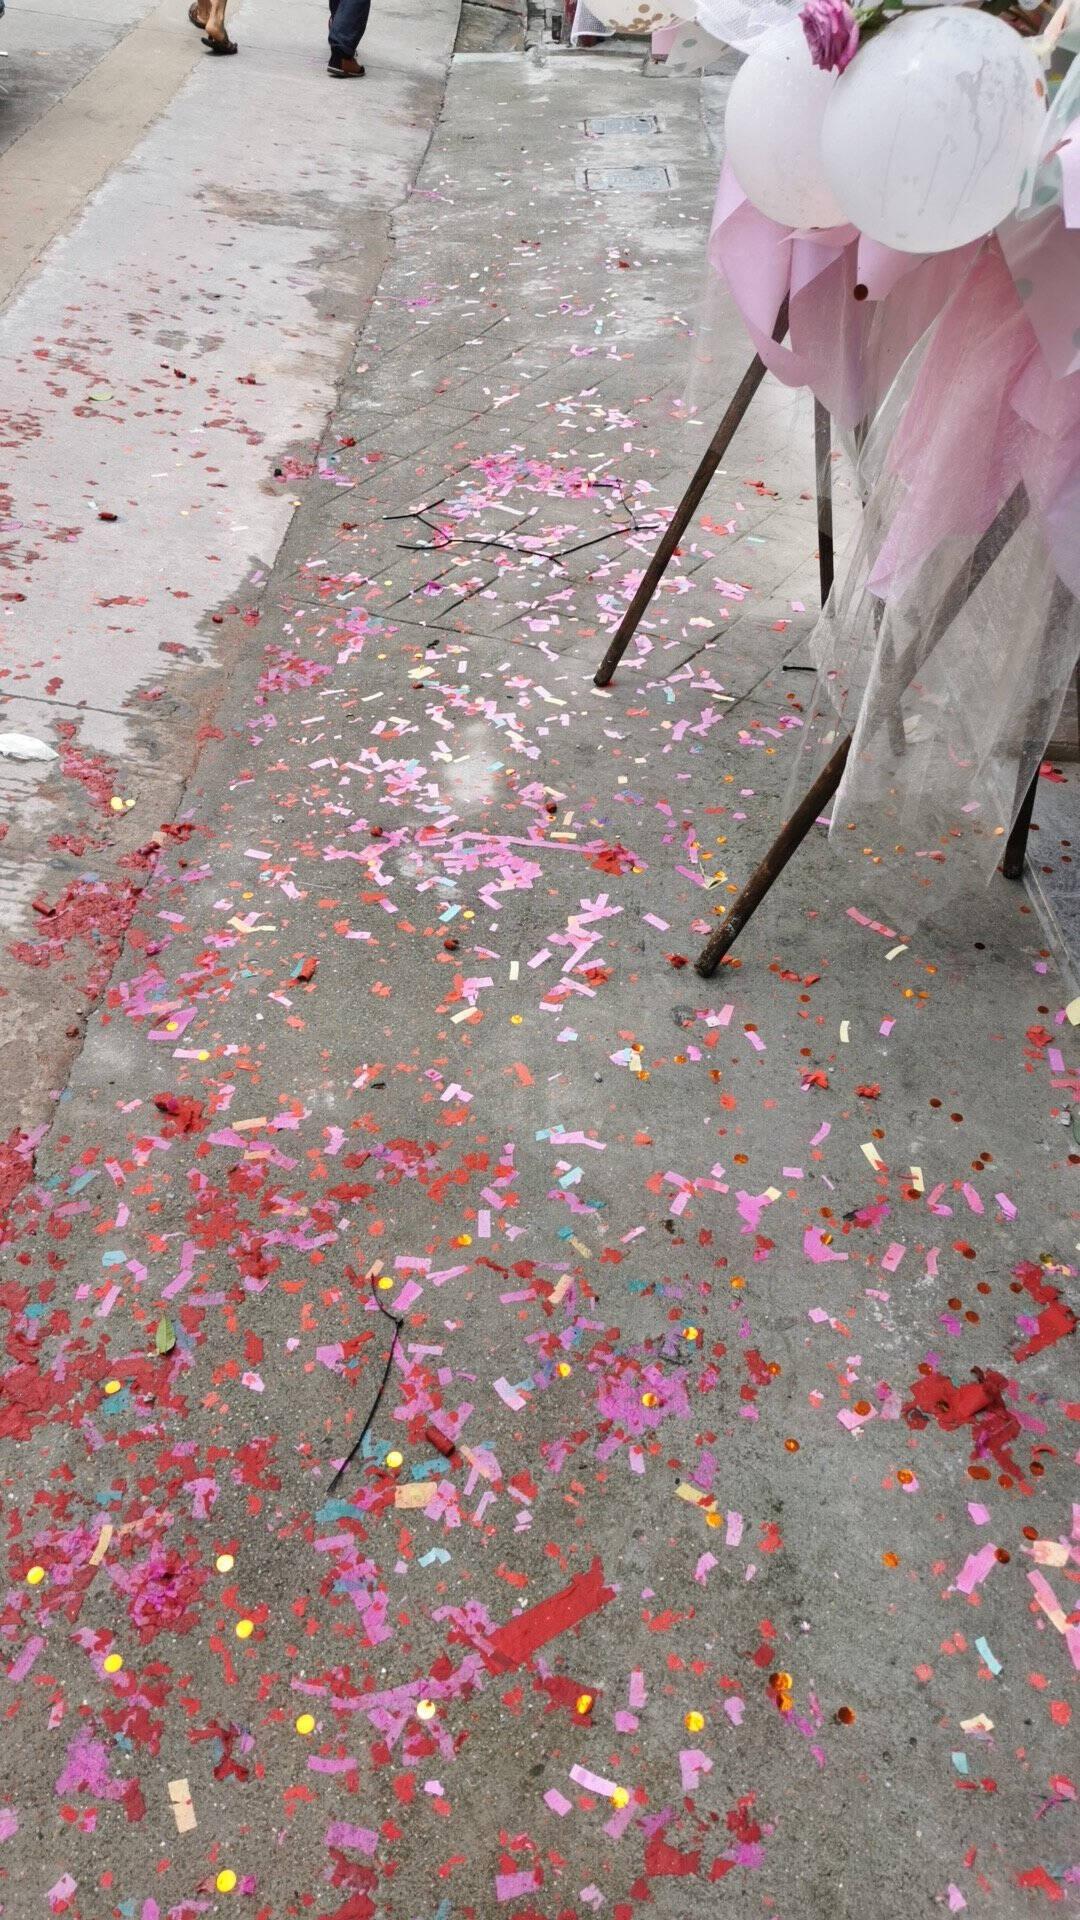 新新精艺礼花礼炮筒开业庆典开工大吉喜庆手持礼宾花彩带条喷花60cm4根装